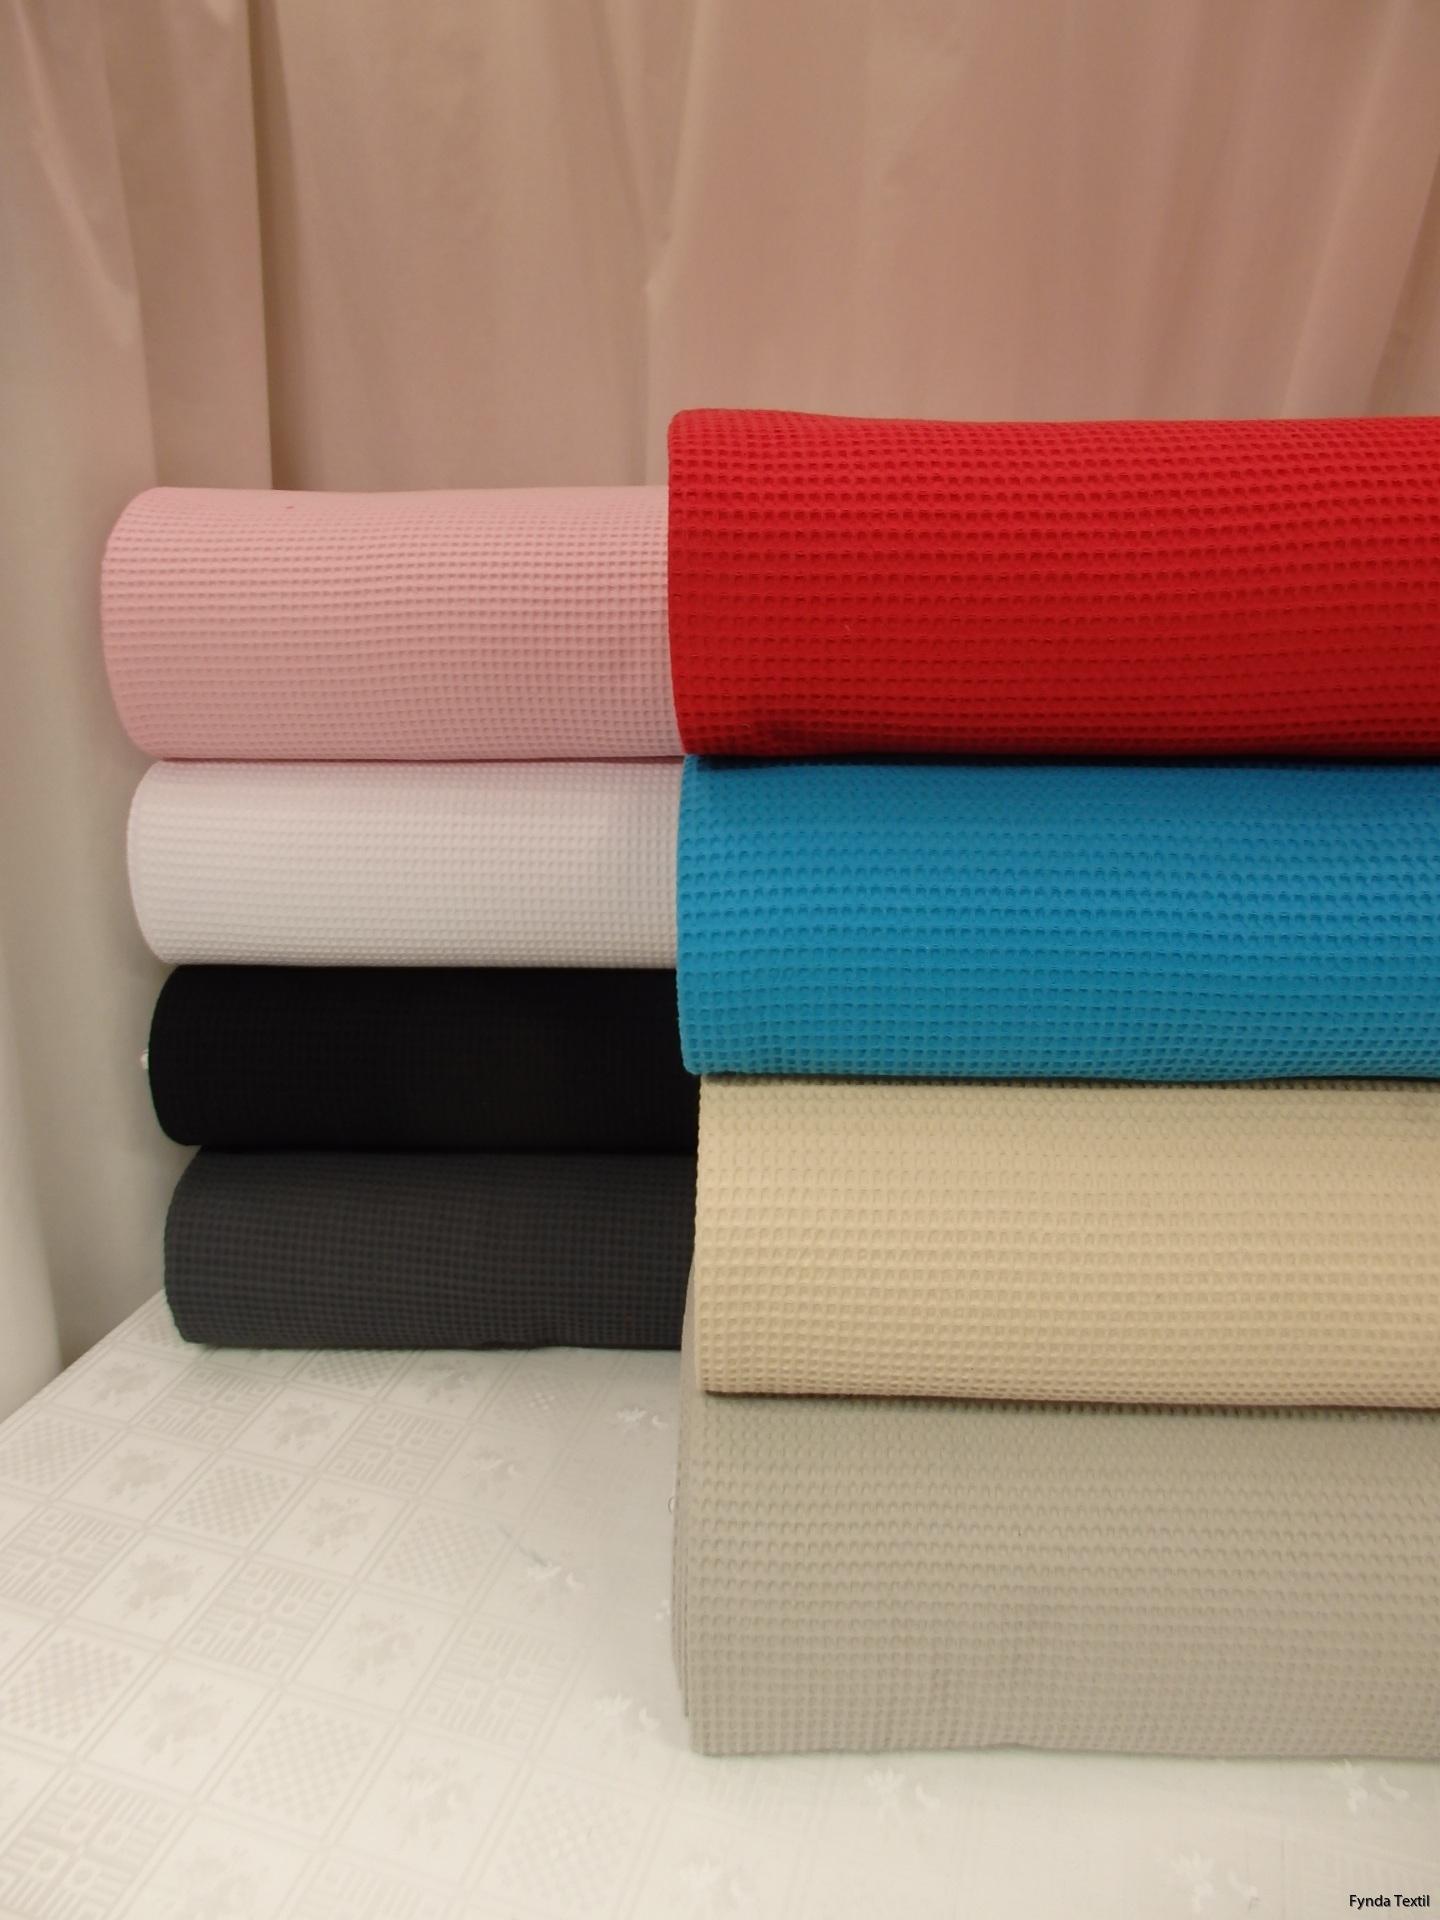 Rosa, vit, svart, mörkgrå, röd, turkos, beige och grå